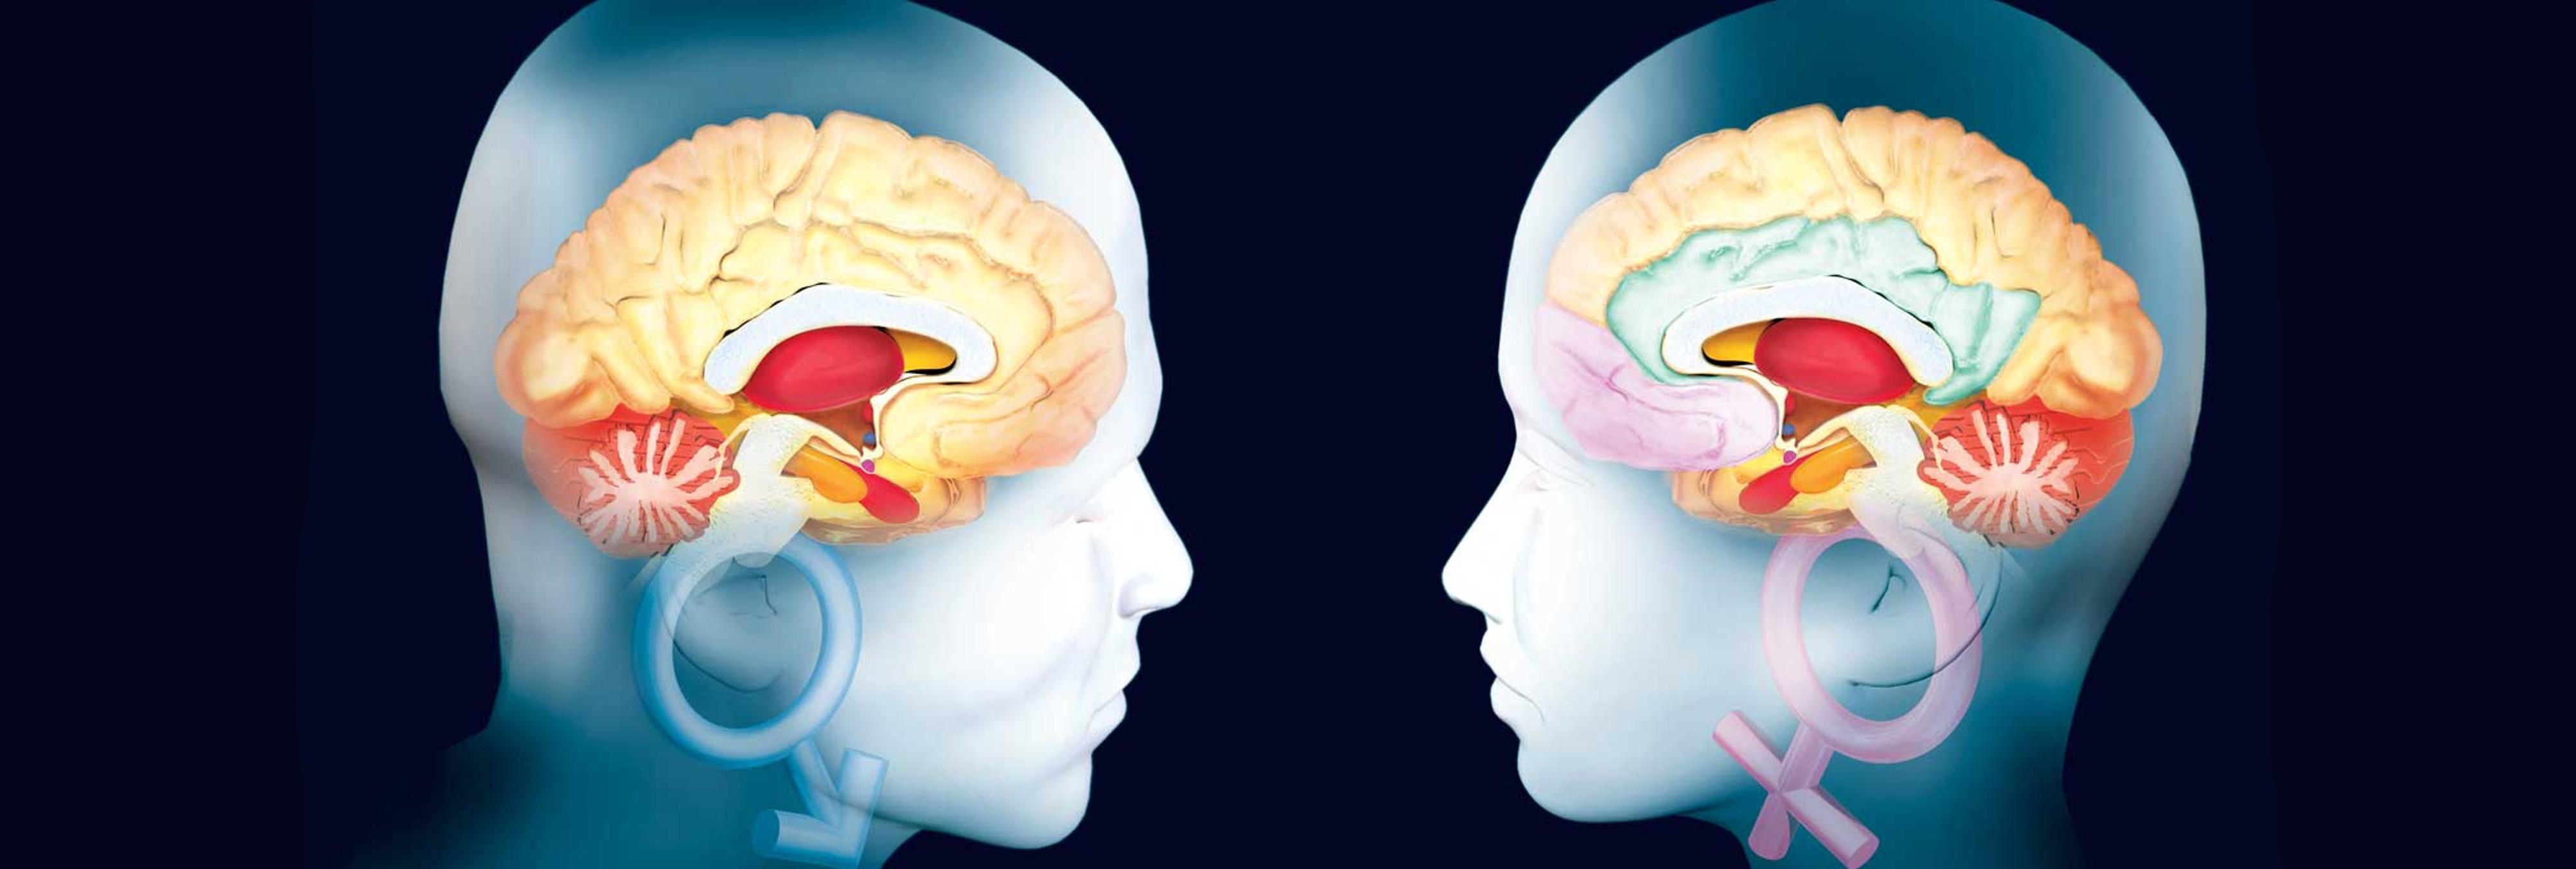 Los hombres tienen el cerebro más grande pero menos eficiente que ...